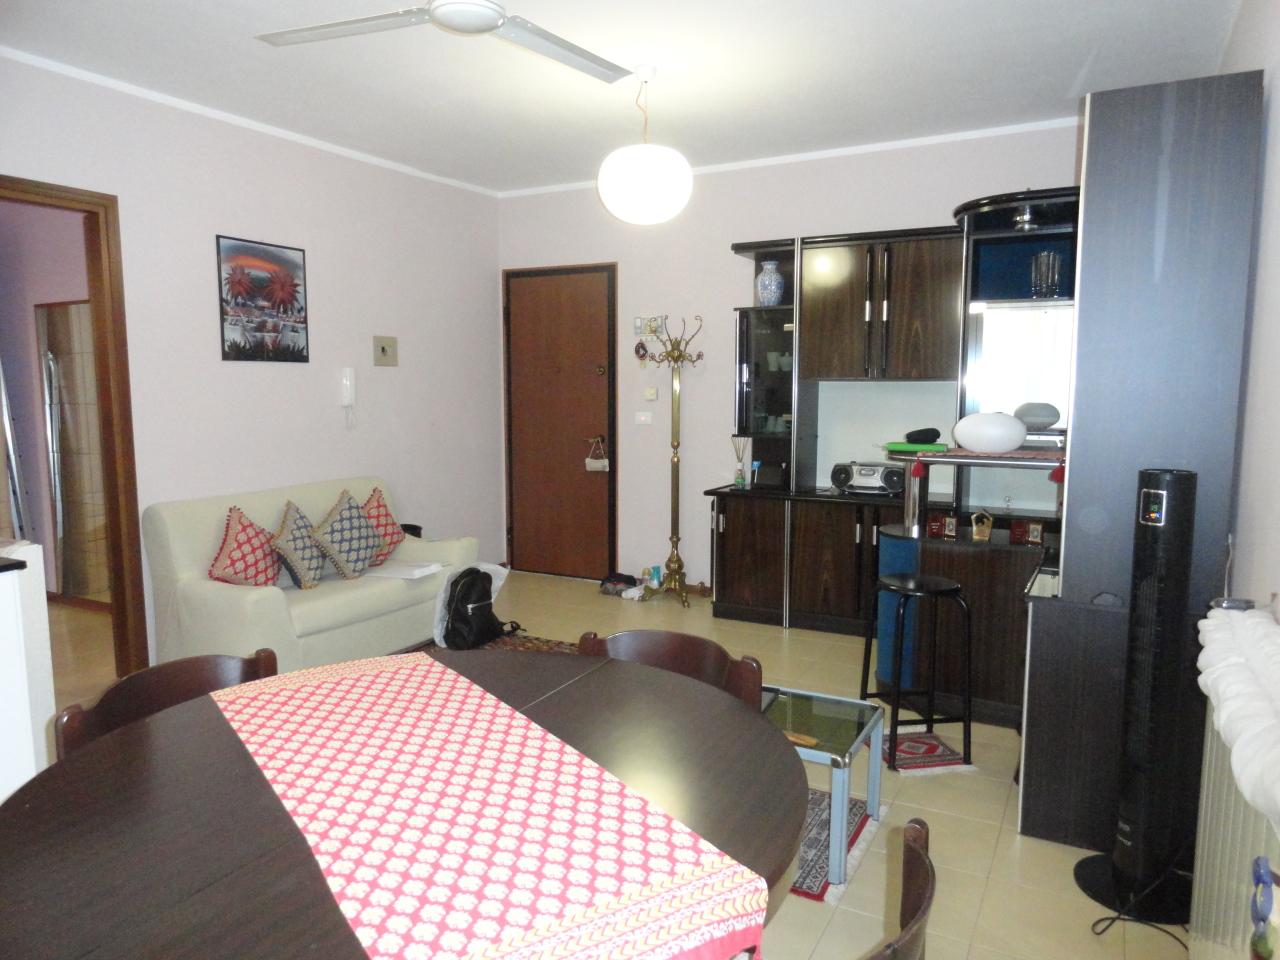 Appartamento a Struppa, Genova